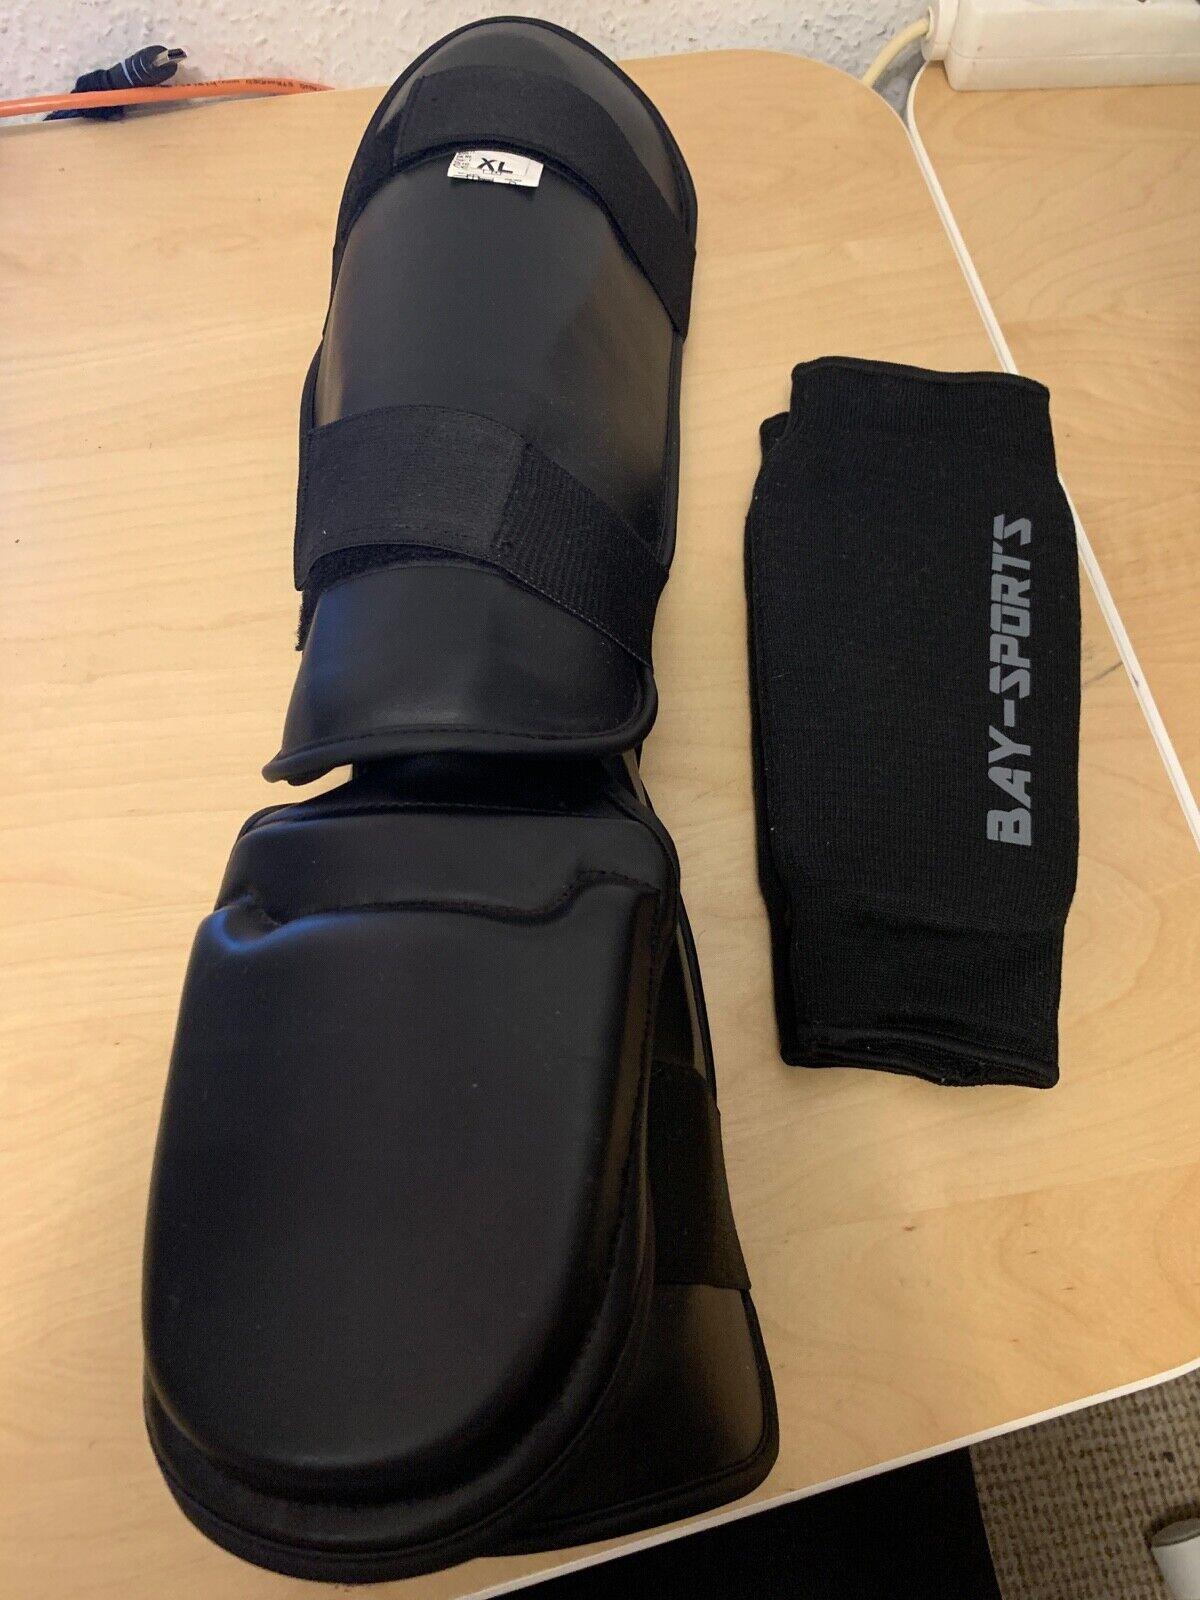 MMA Schienbeinschoner + Unterarmschoner XL Muay Thai Kickboxen Schienbeinschutz